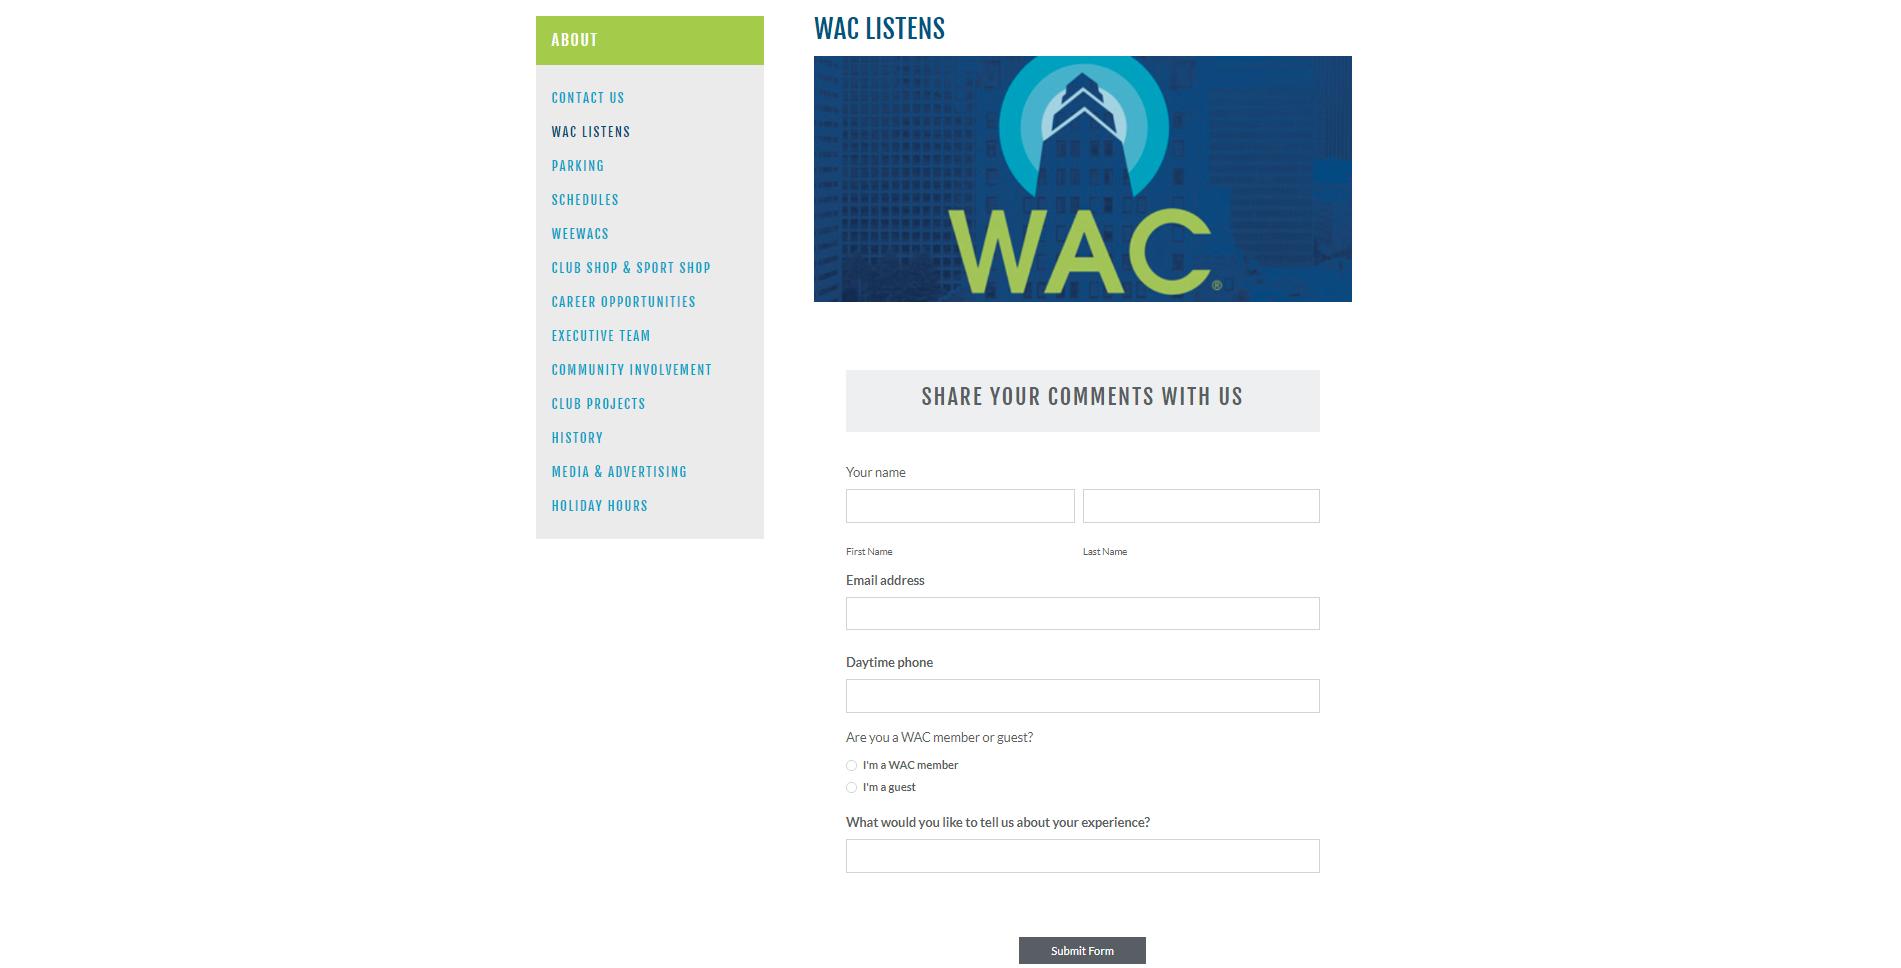 survey.waclistens.com